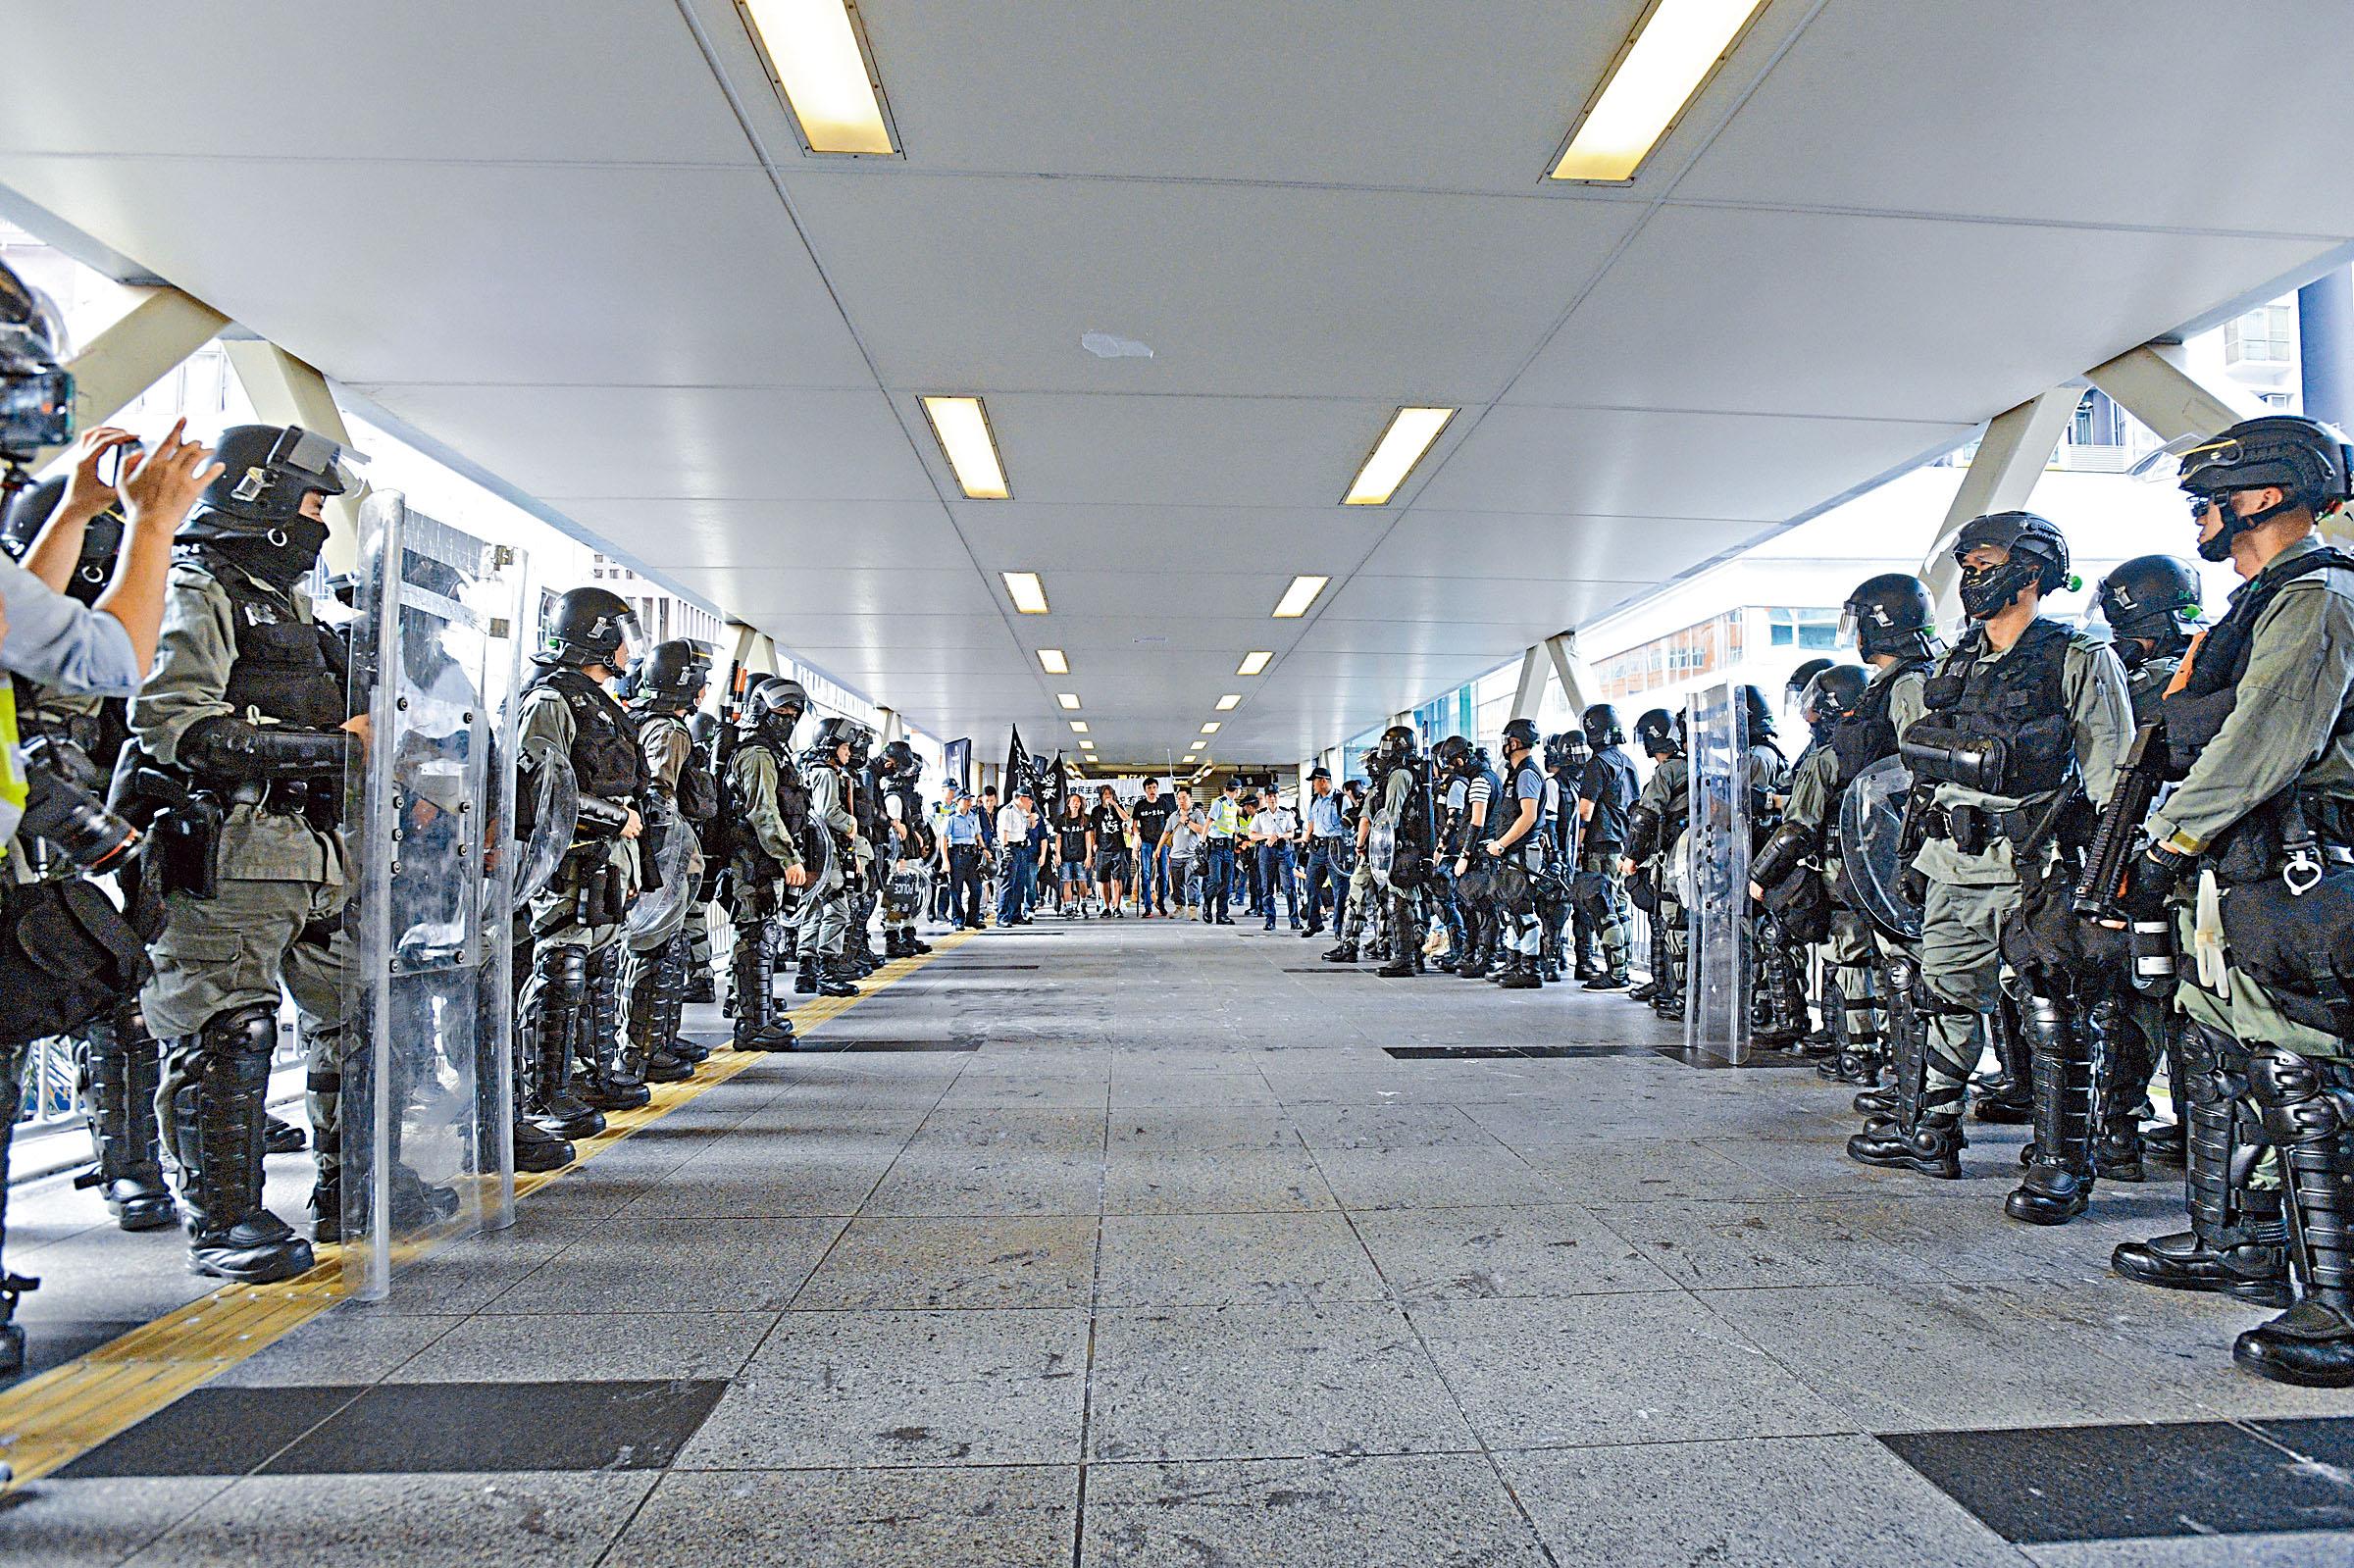 警方嚴防遊行出現騷亂,為此安排足夠人手。資料圖片